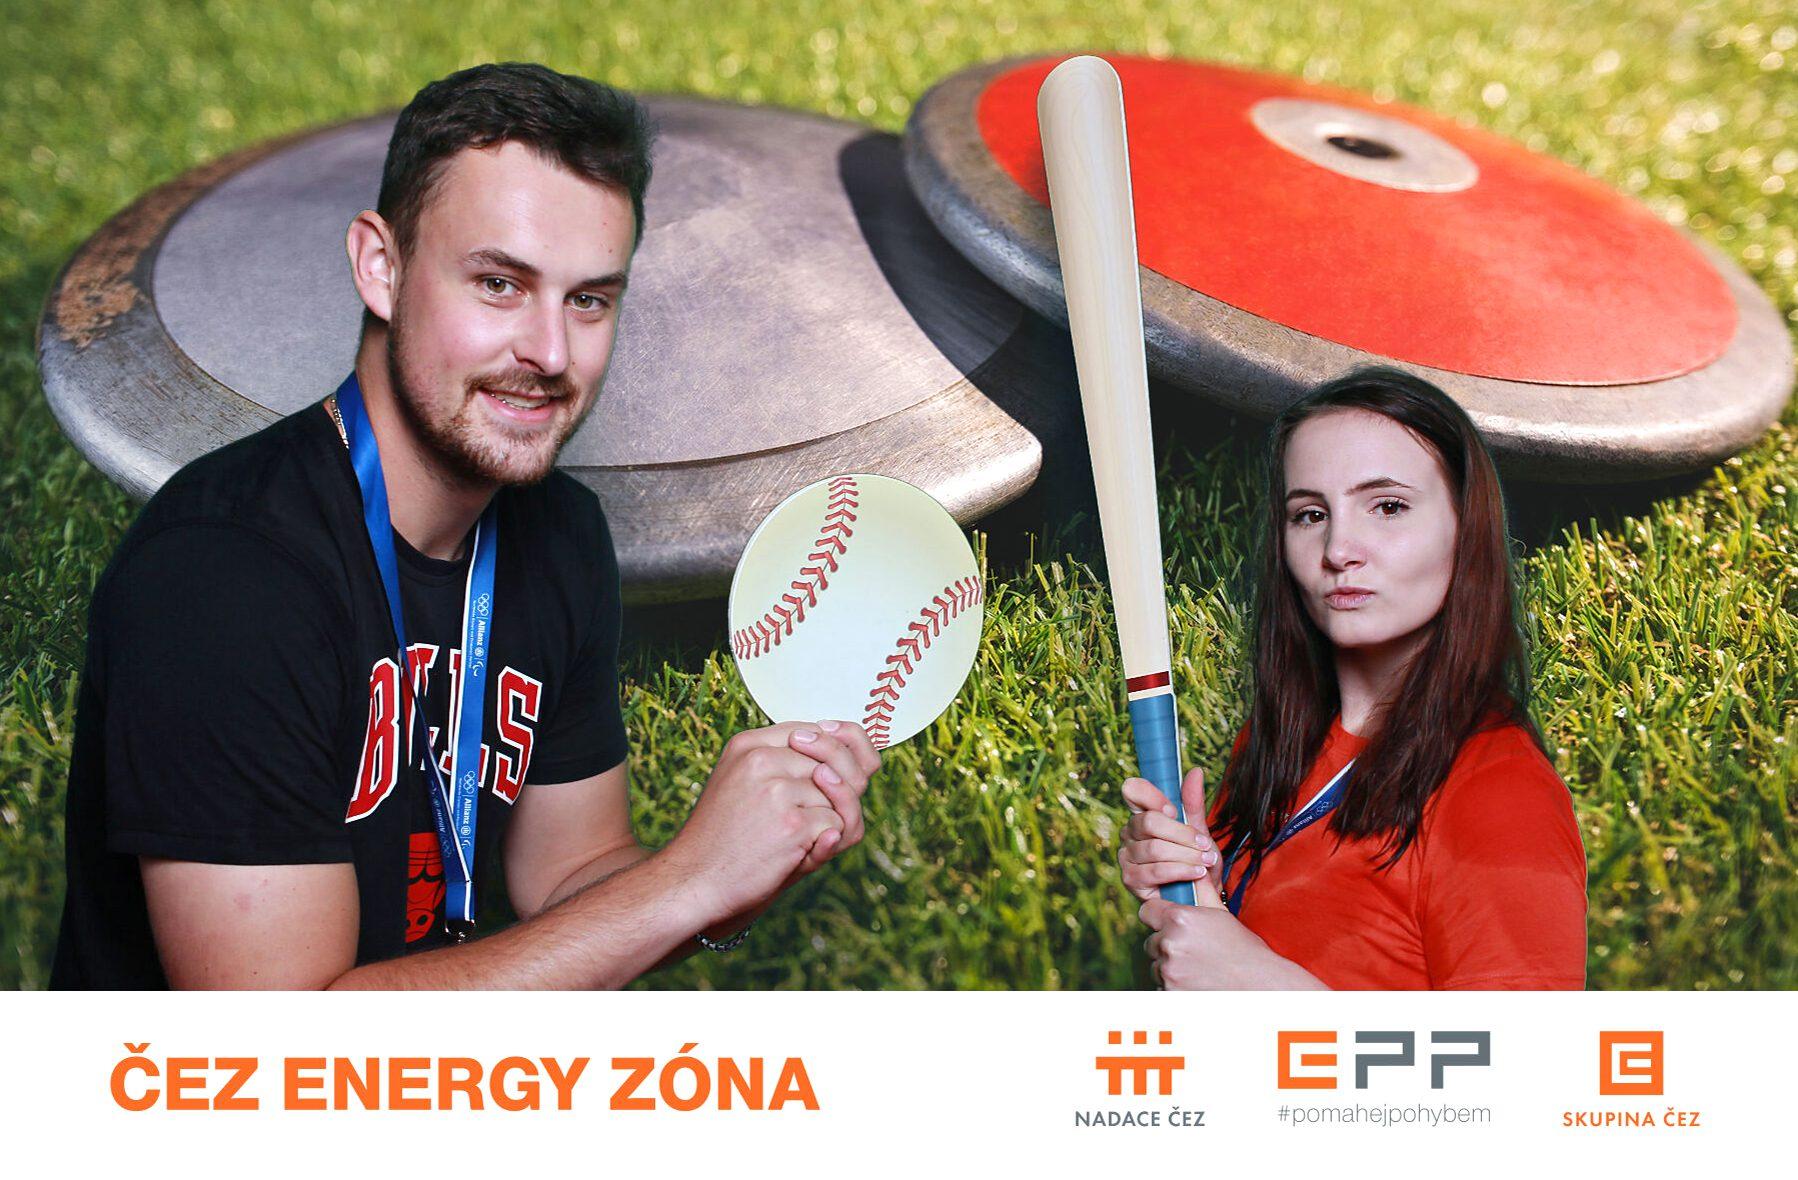 fotokoutek-olympijsky-festival-cez-energy-zona-1-8-2021-739323